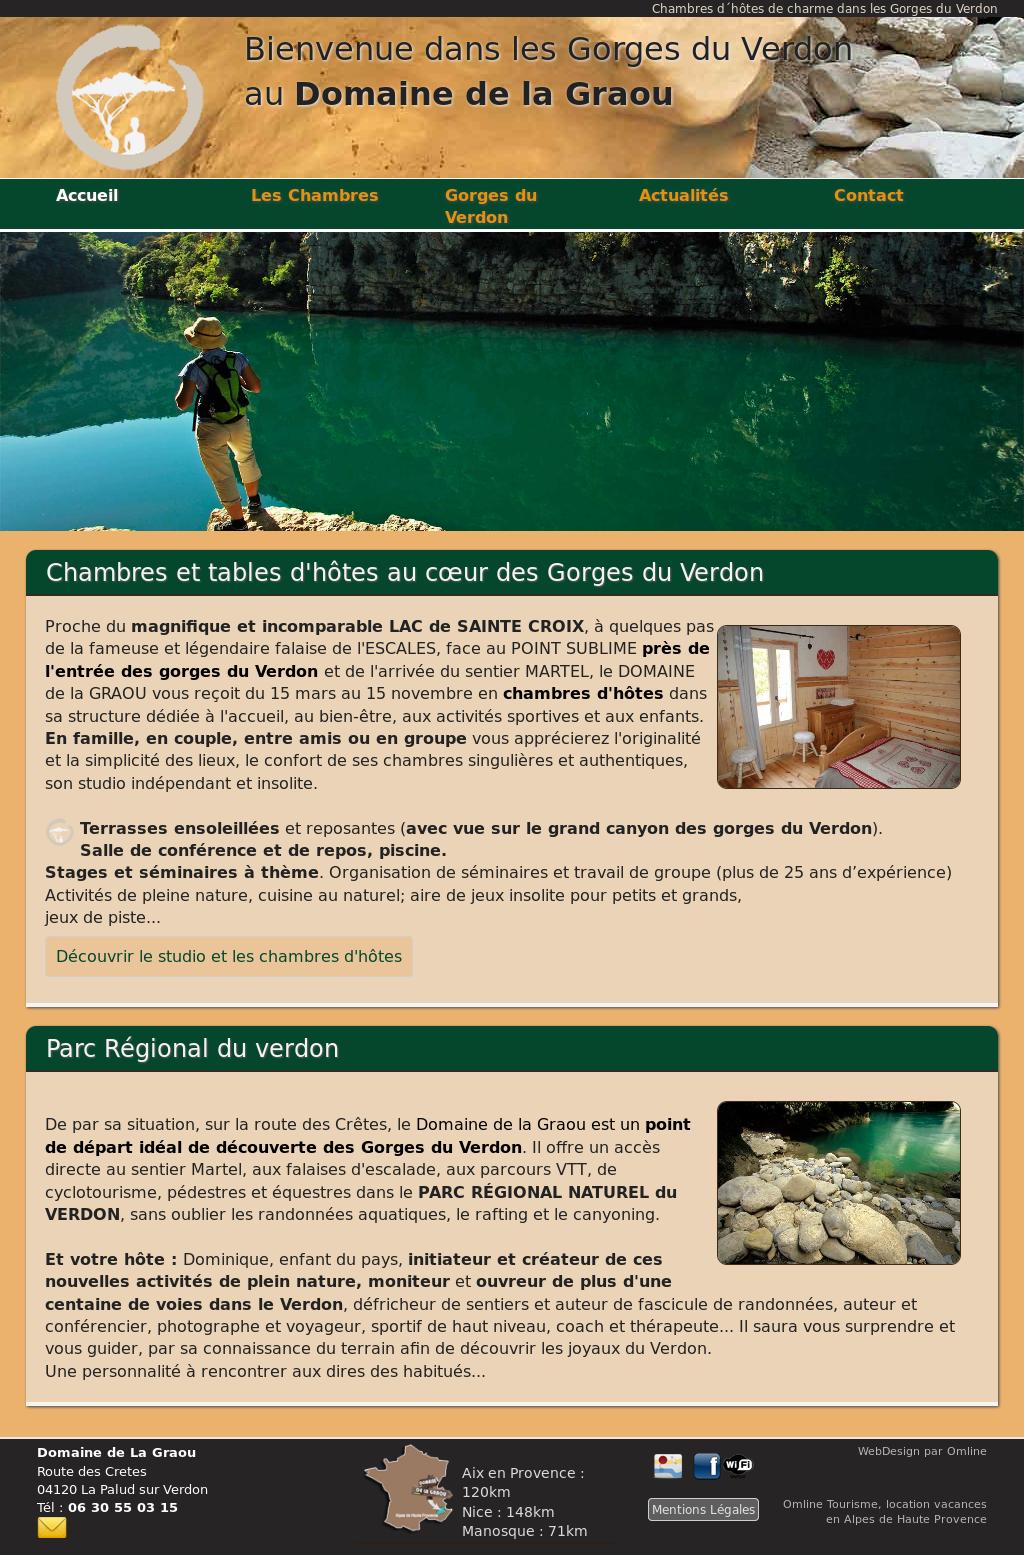 Business Plan Salle D Escalade domaine de la graou, verdon competitors, revenue and